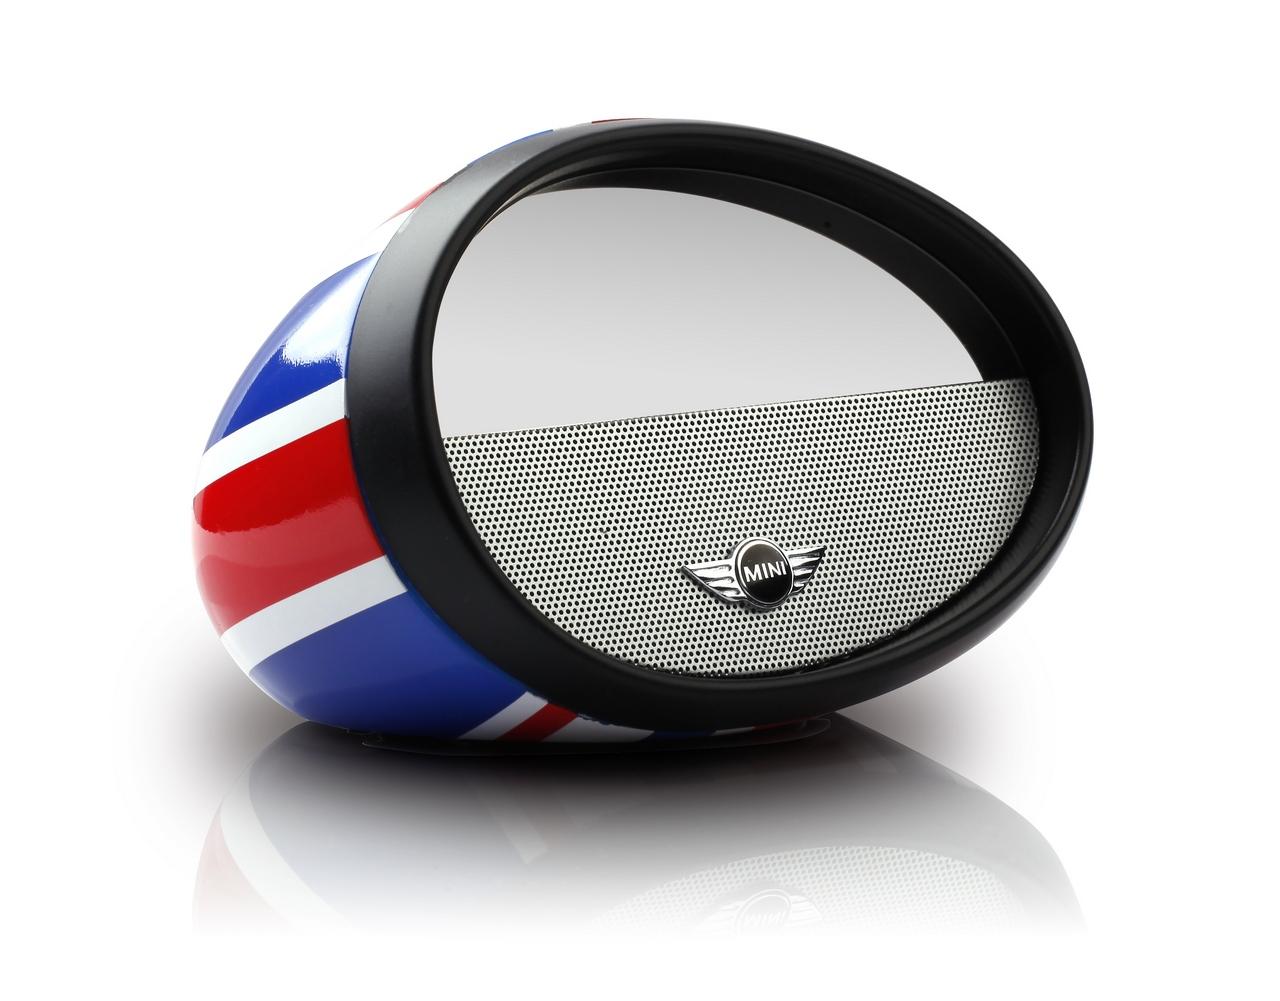 mini-speaker-cooper-mirror-boombox-prezzo-price-0-100_1